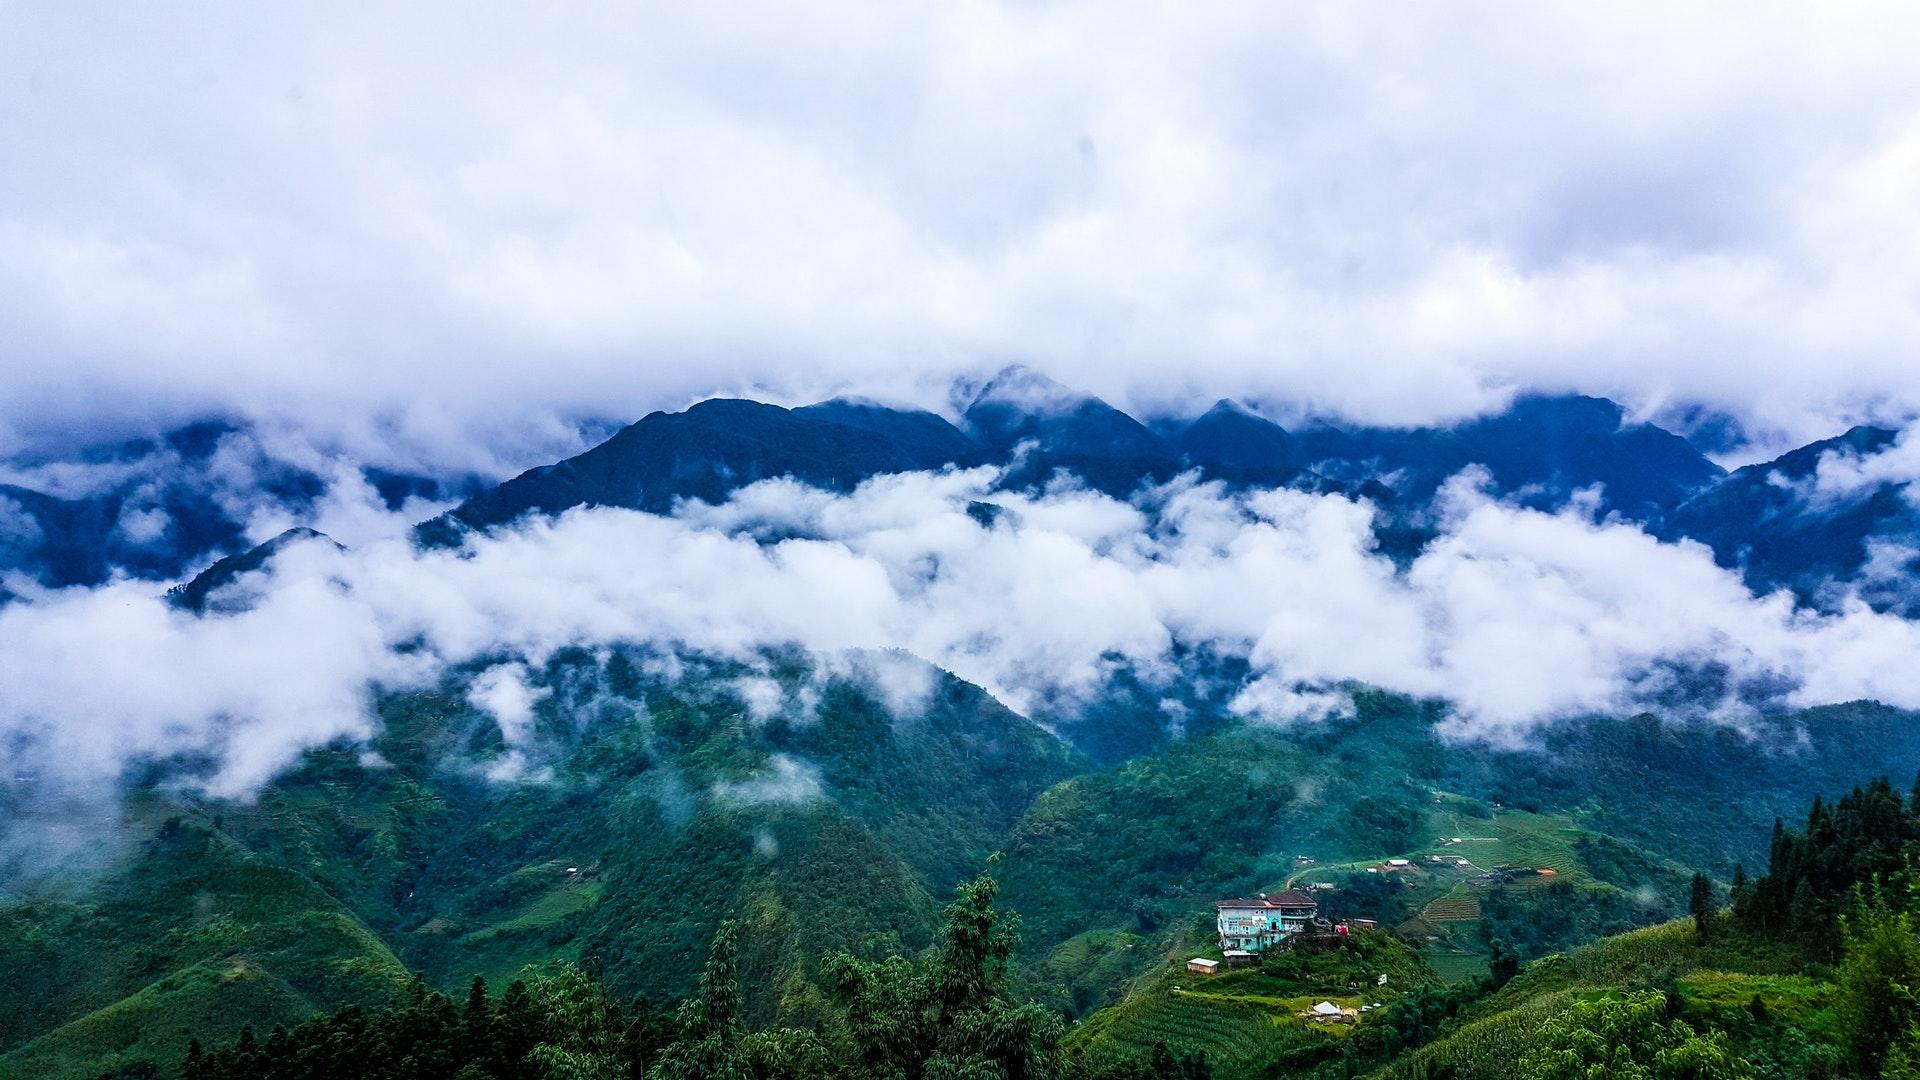 Cảnh thiên nhiên sương mù trắng xóa trên núi xanh